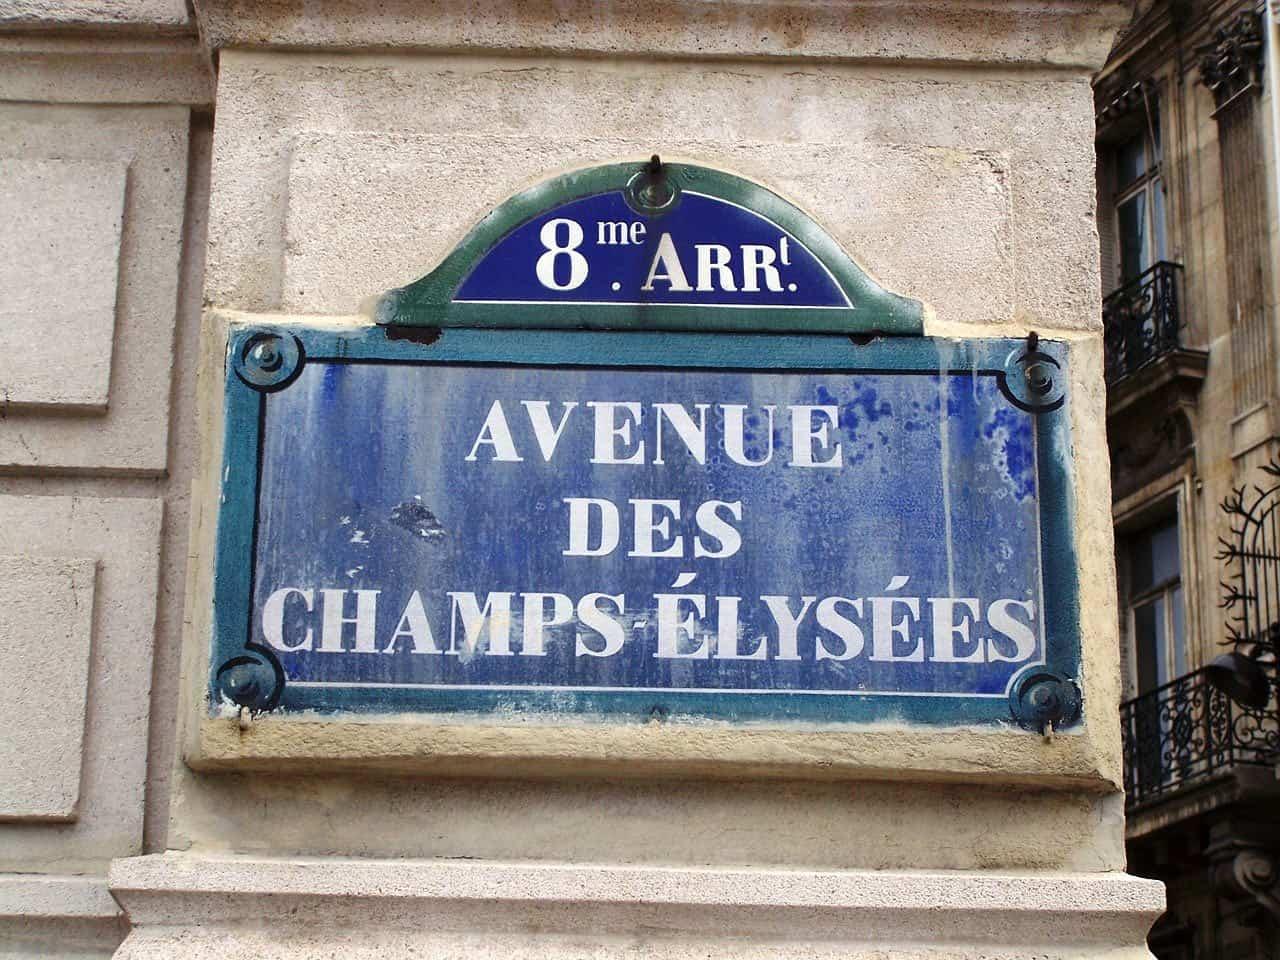 Découvrez les meilleurs bilans de compétence à Paris 8ème